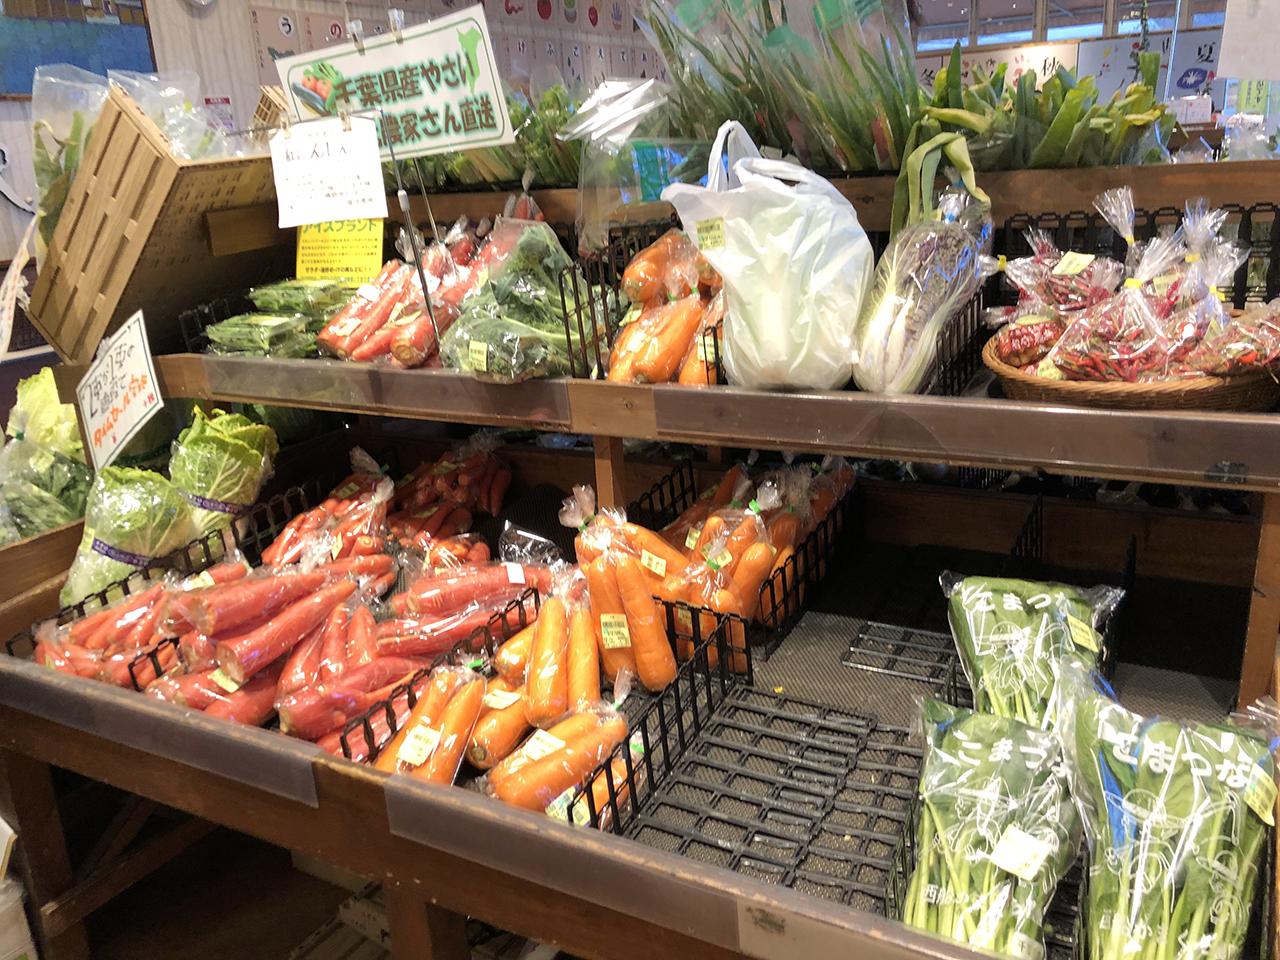 陳列棚の野菜の写真